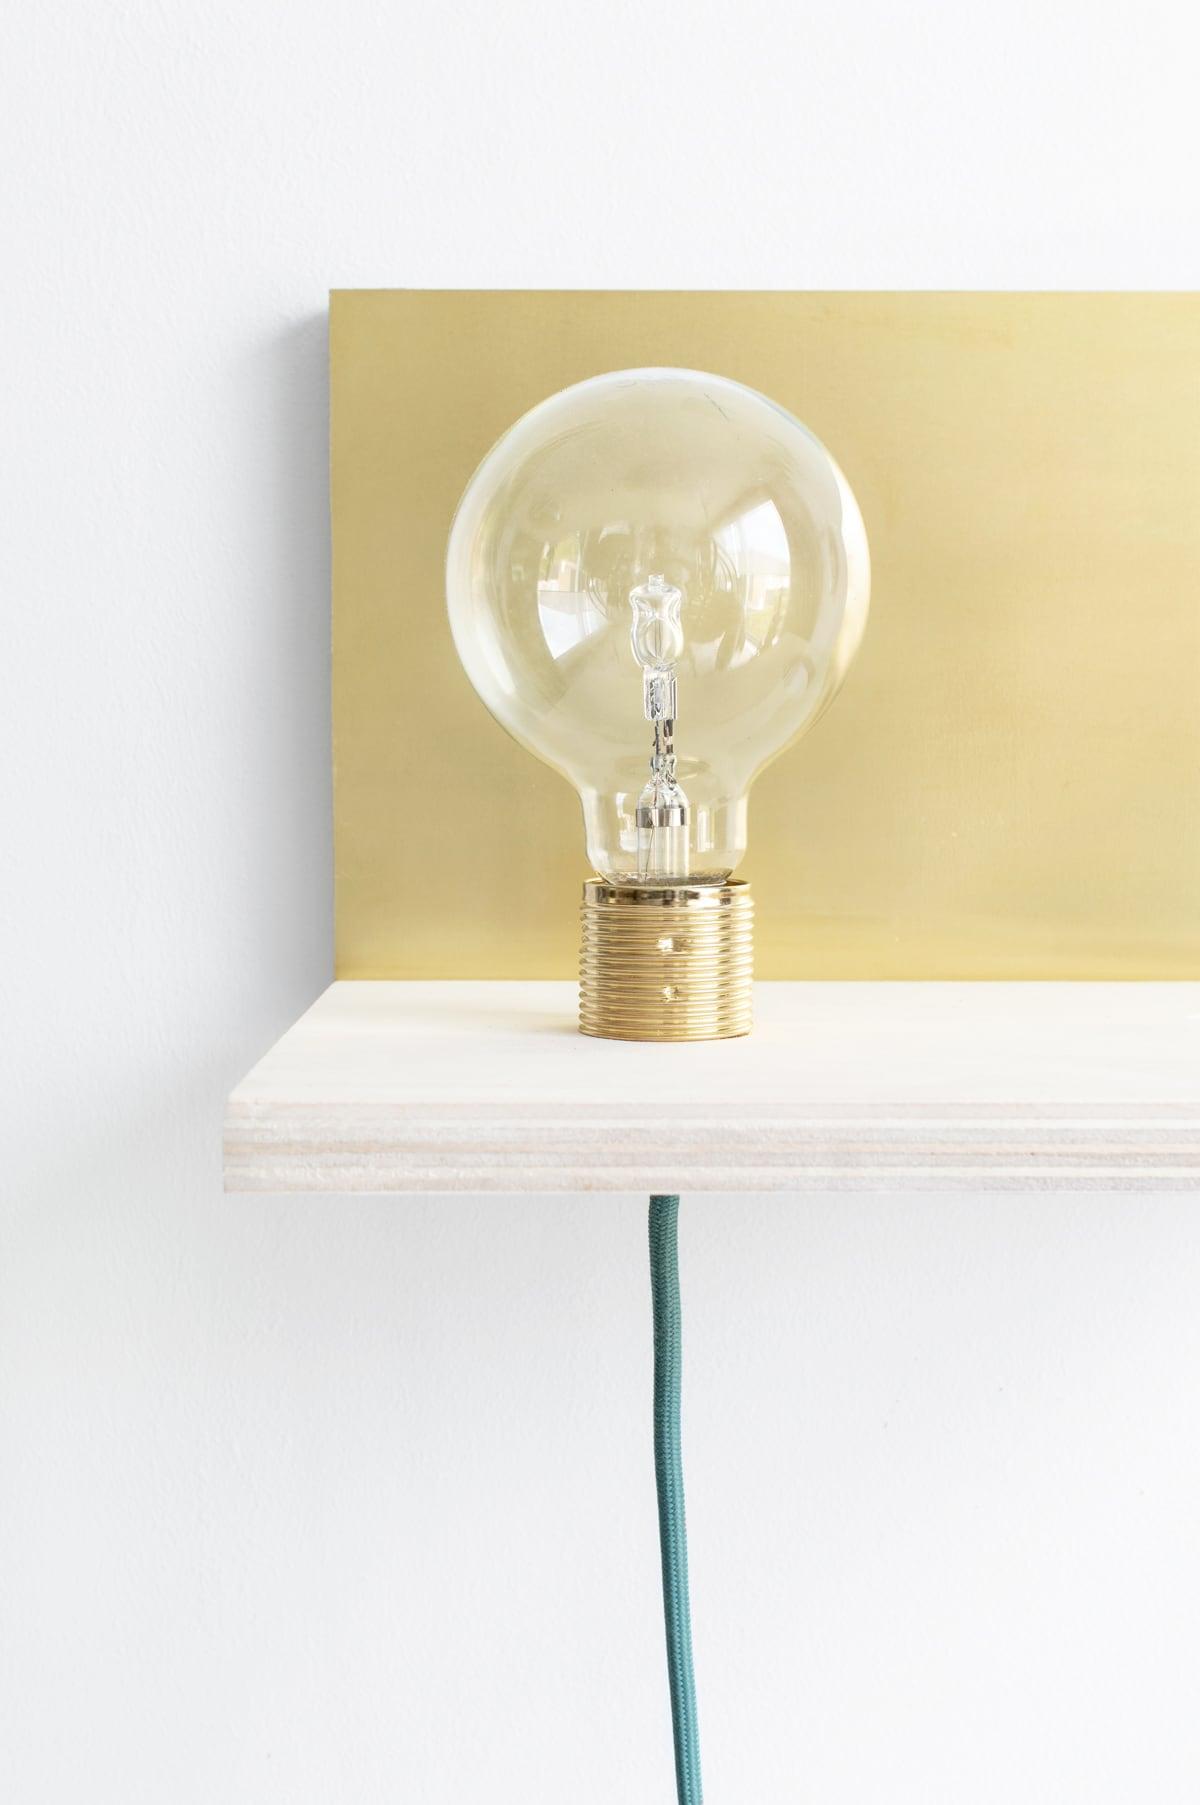 Wandplank Met Lampje.Diy Maak Je Eigen Zwevende Wandplank Met Lamp En Plantje Tanja